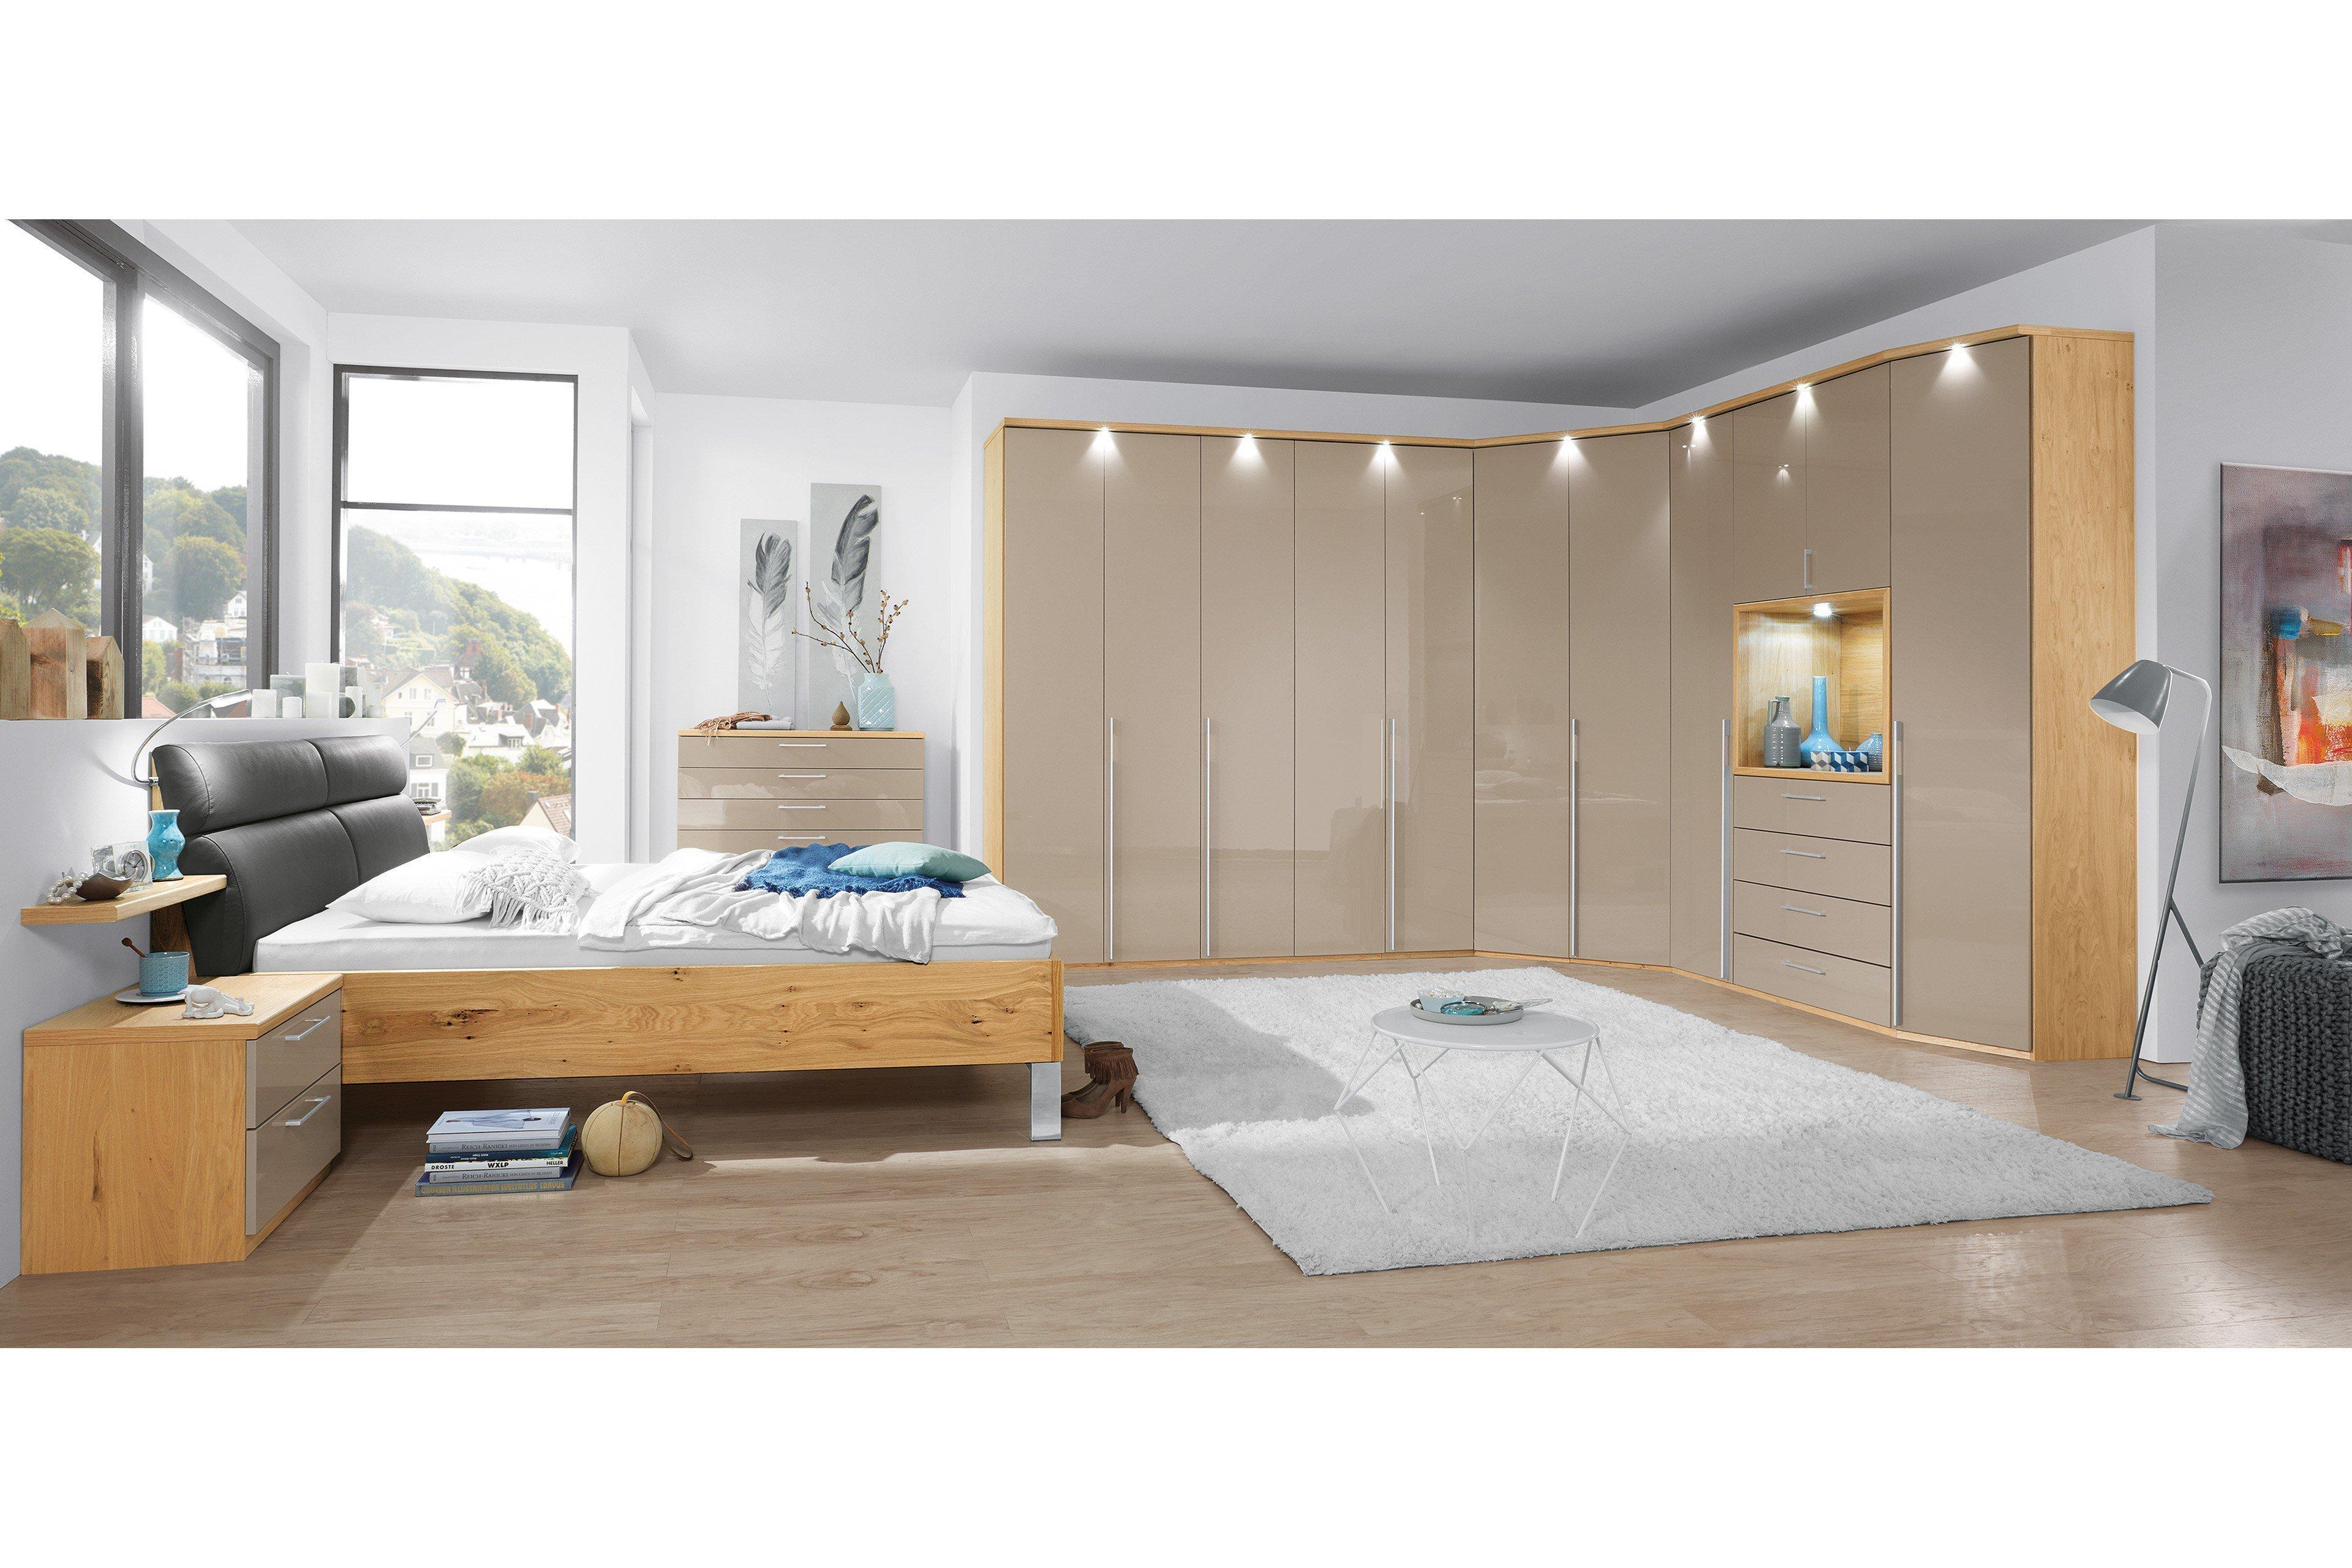 Disselkamp Schlafzimmer Wildeiche | Möbel Letz - Ihr Online-Shop